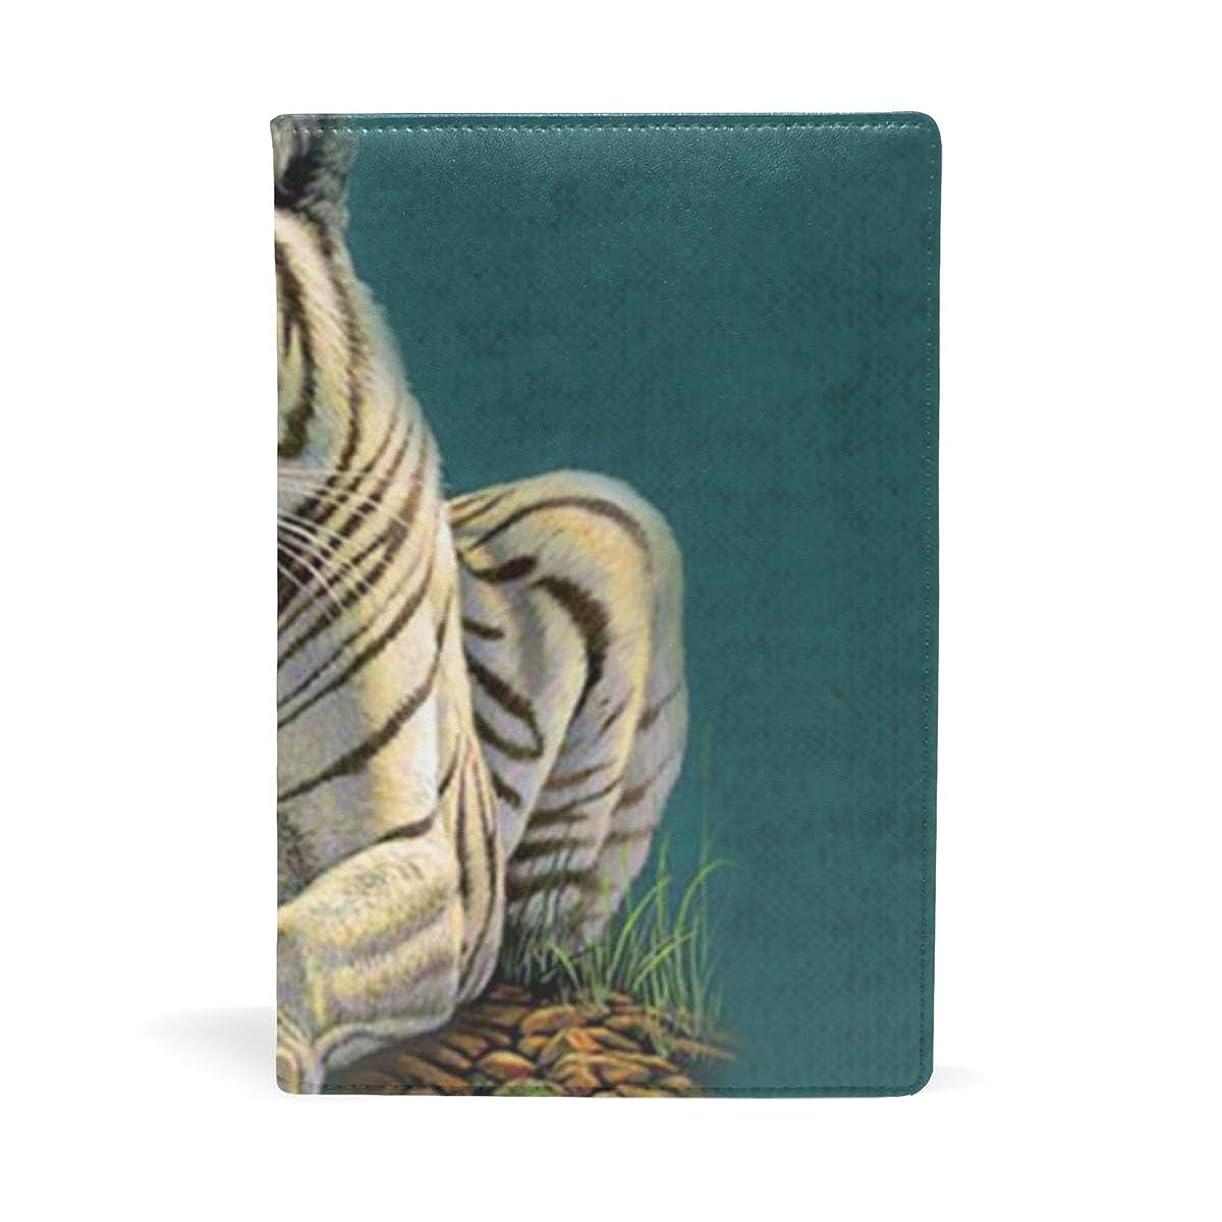 金貸し支払い本を読むかっこいい 虎 ブックカバー 文庫 a5 皮革 おしゃれ 文庫本カバー 資料 収納入れ オフィス用品 読書 雑貨 プレゼント耐久性に優れ